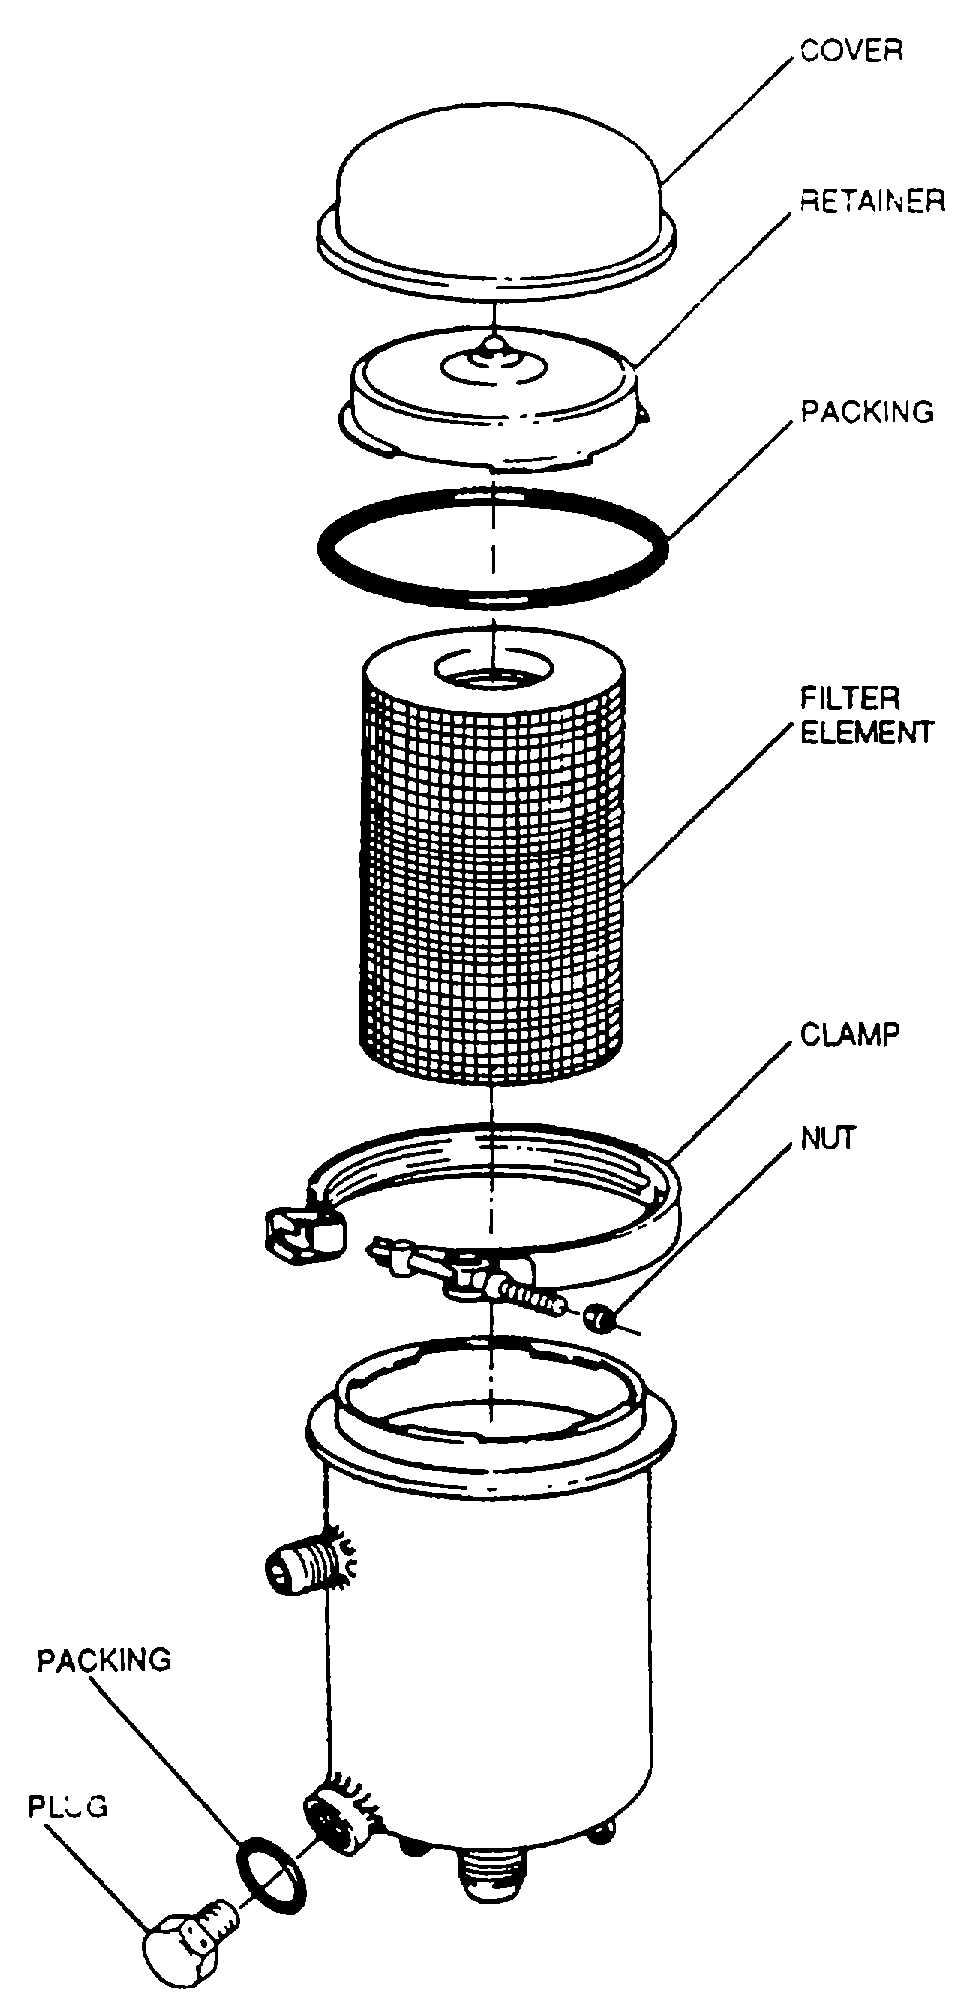 Figure 3-6. Oil Filter